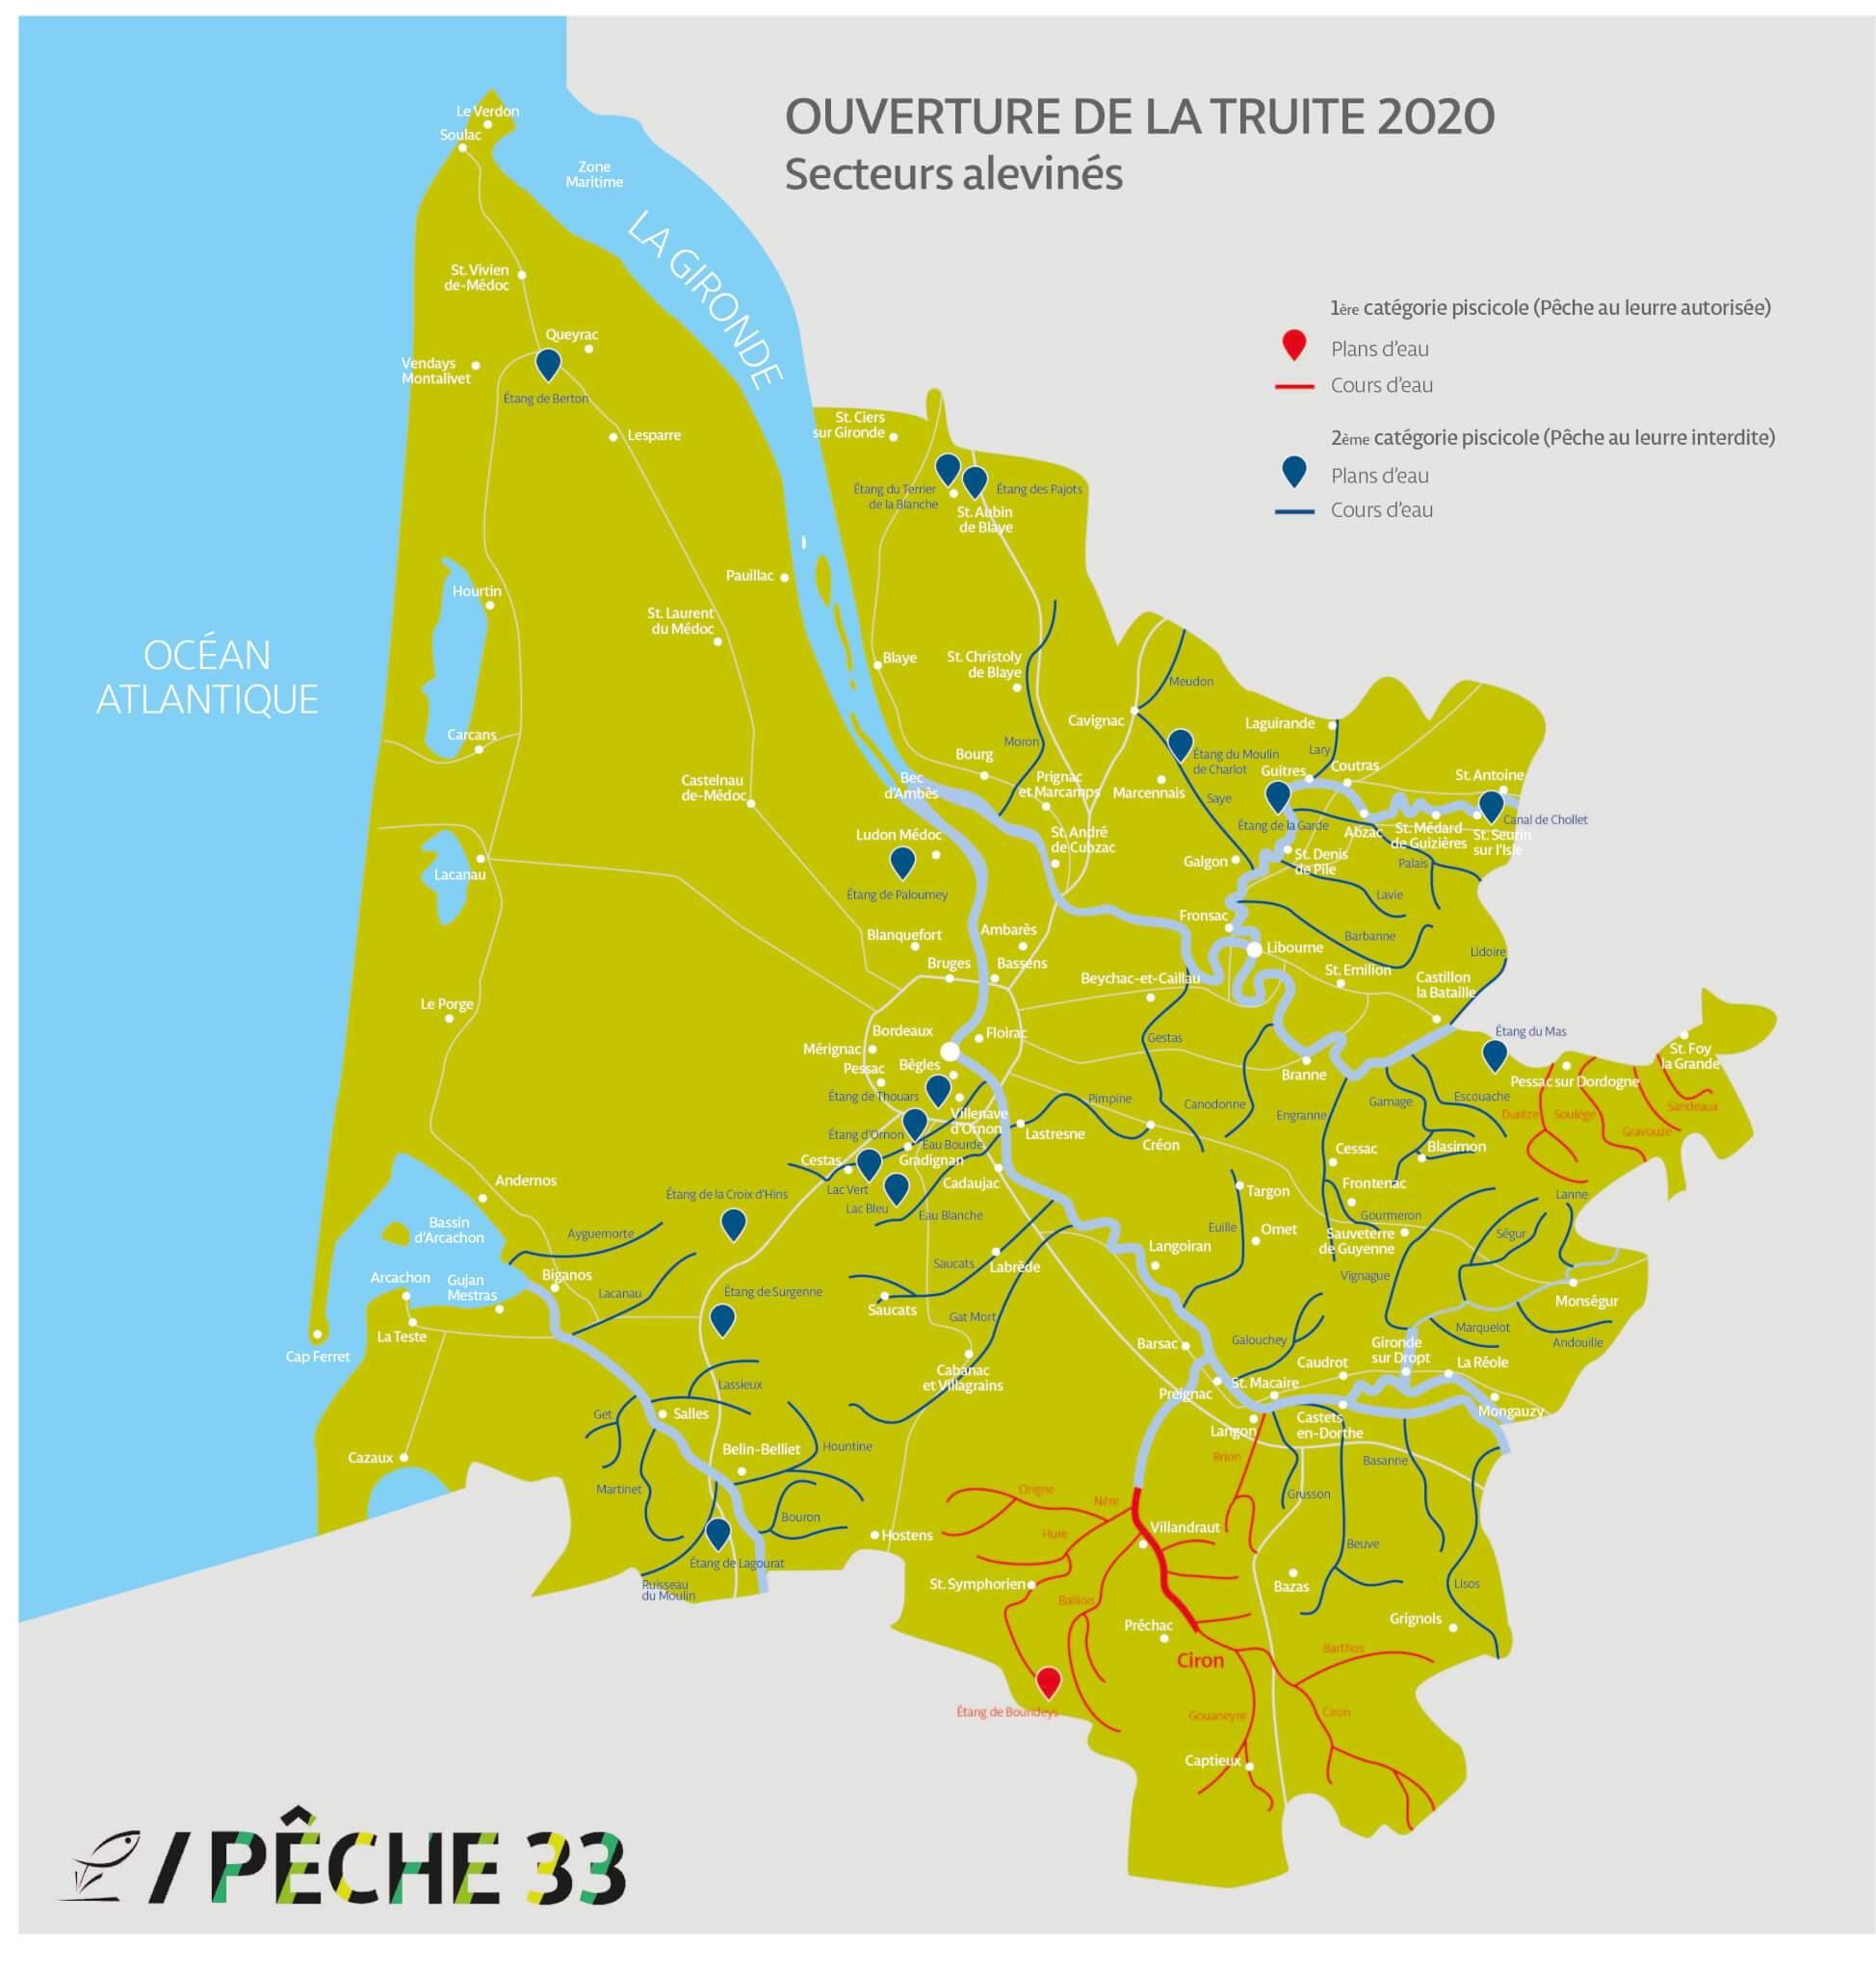 Carte_Gironde_Ouverture_Truite_2020 v3